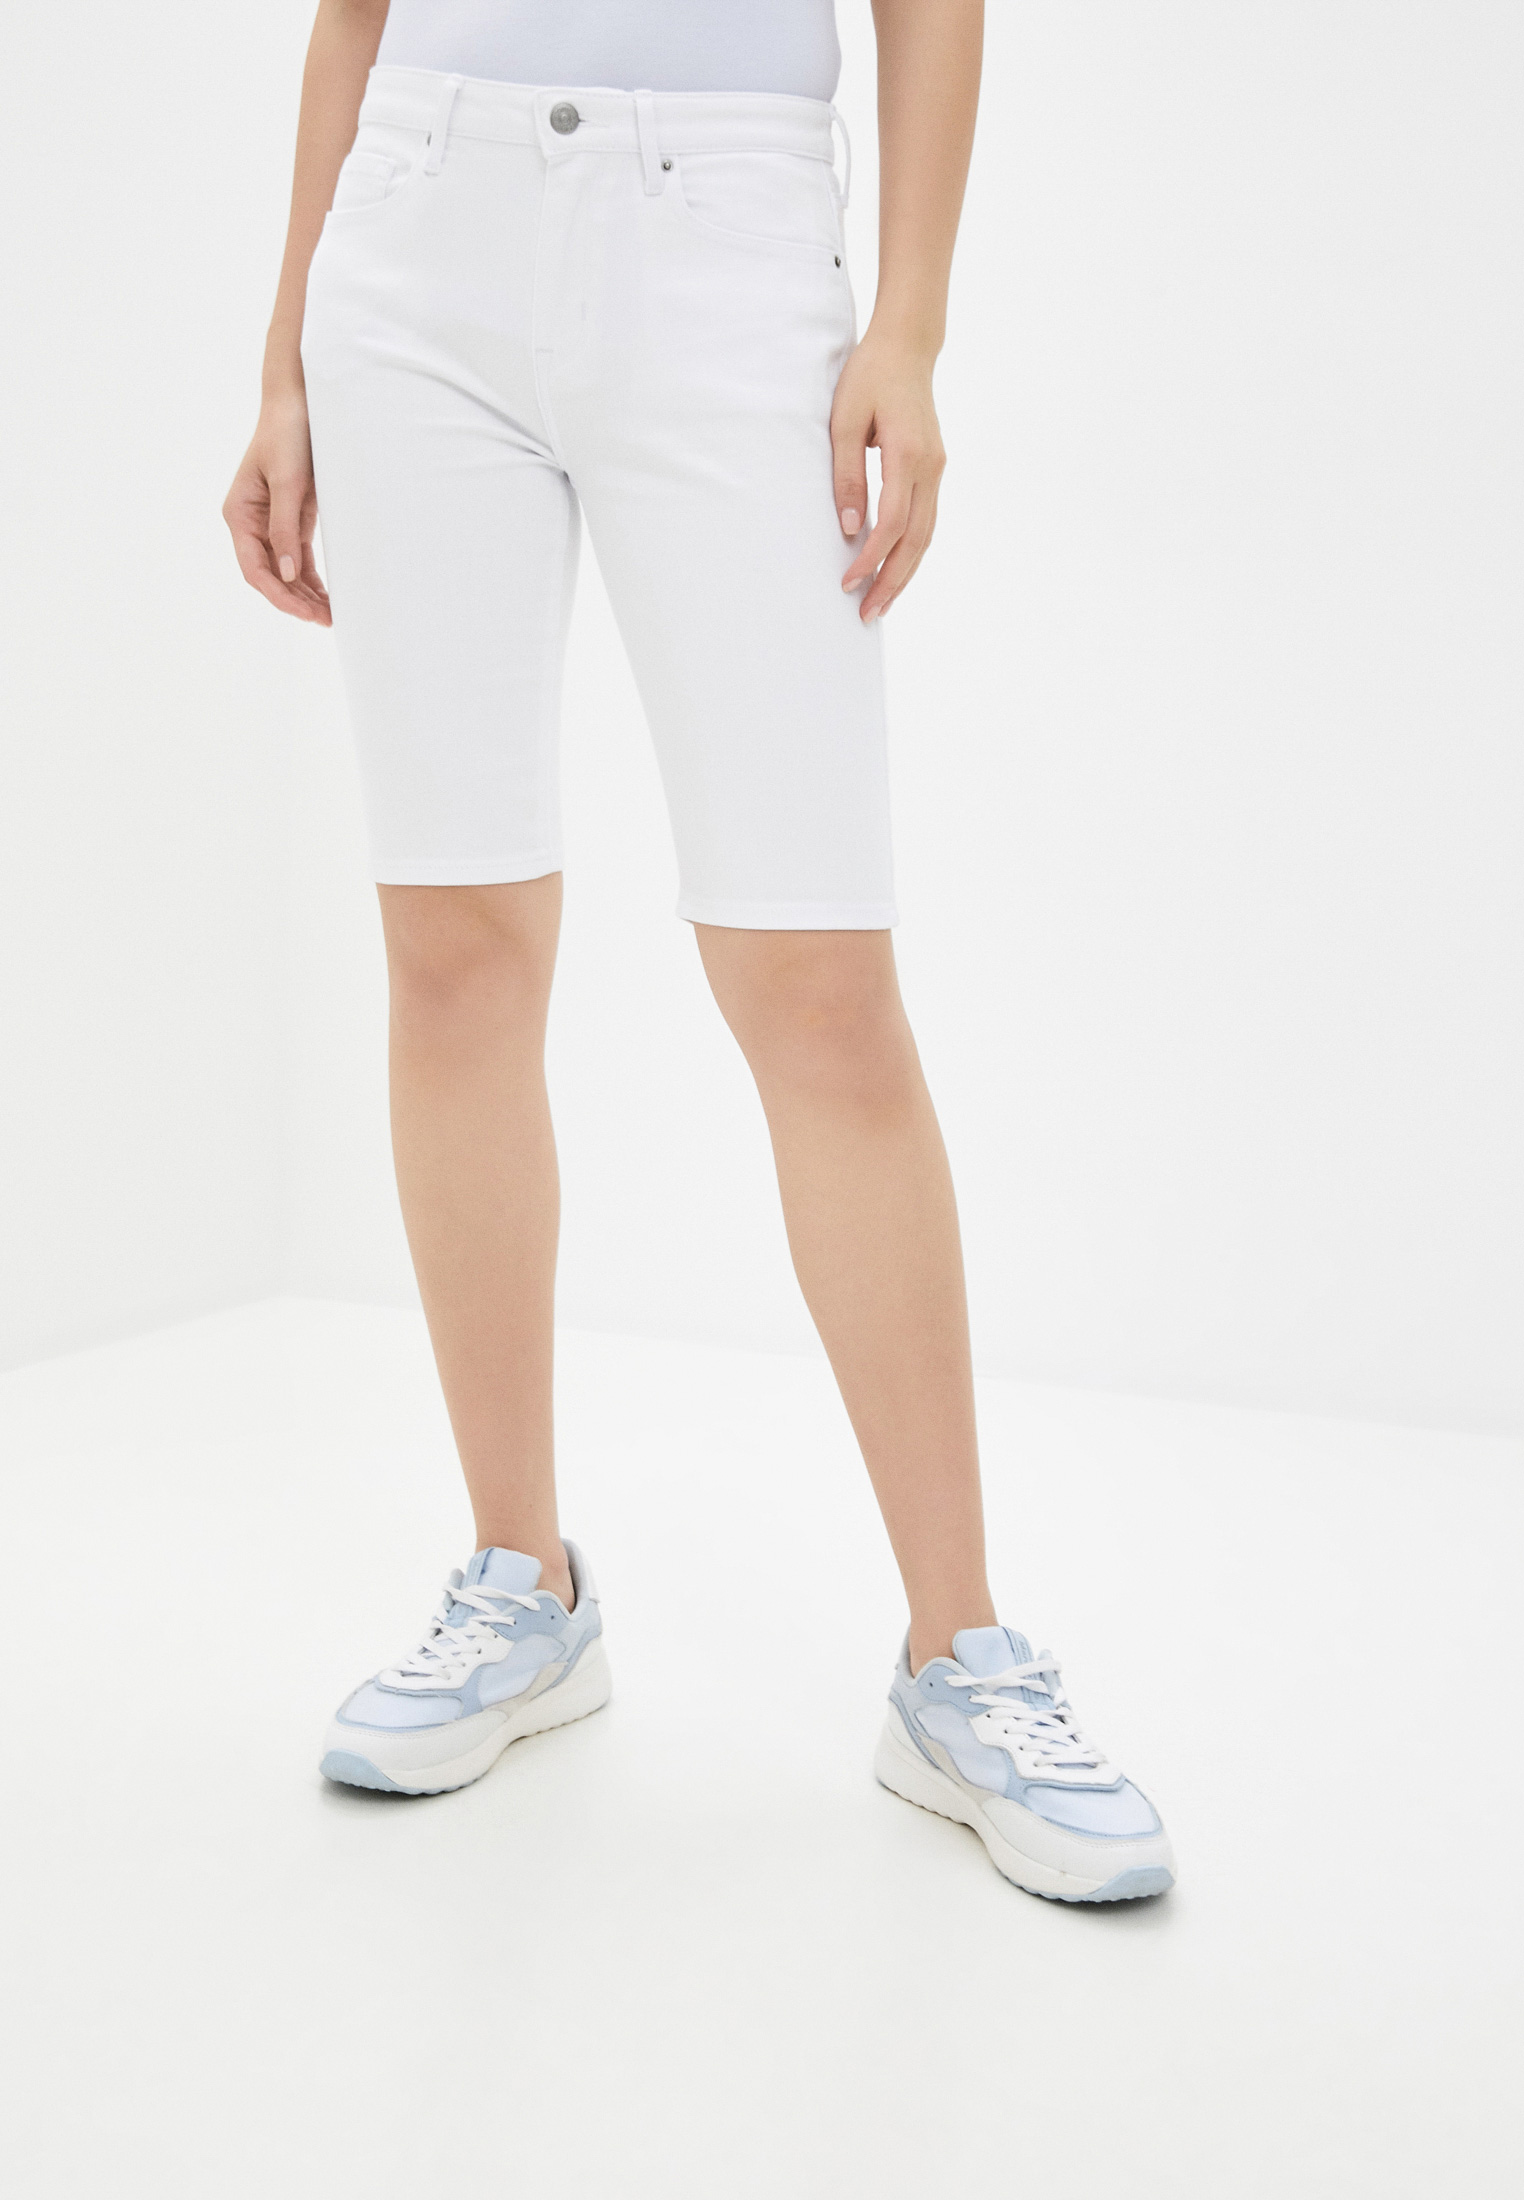 Женские джинсовые шорты Tommy Hilfiger (Томми Хилфигер) WW0WW28412